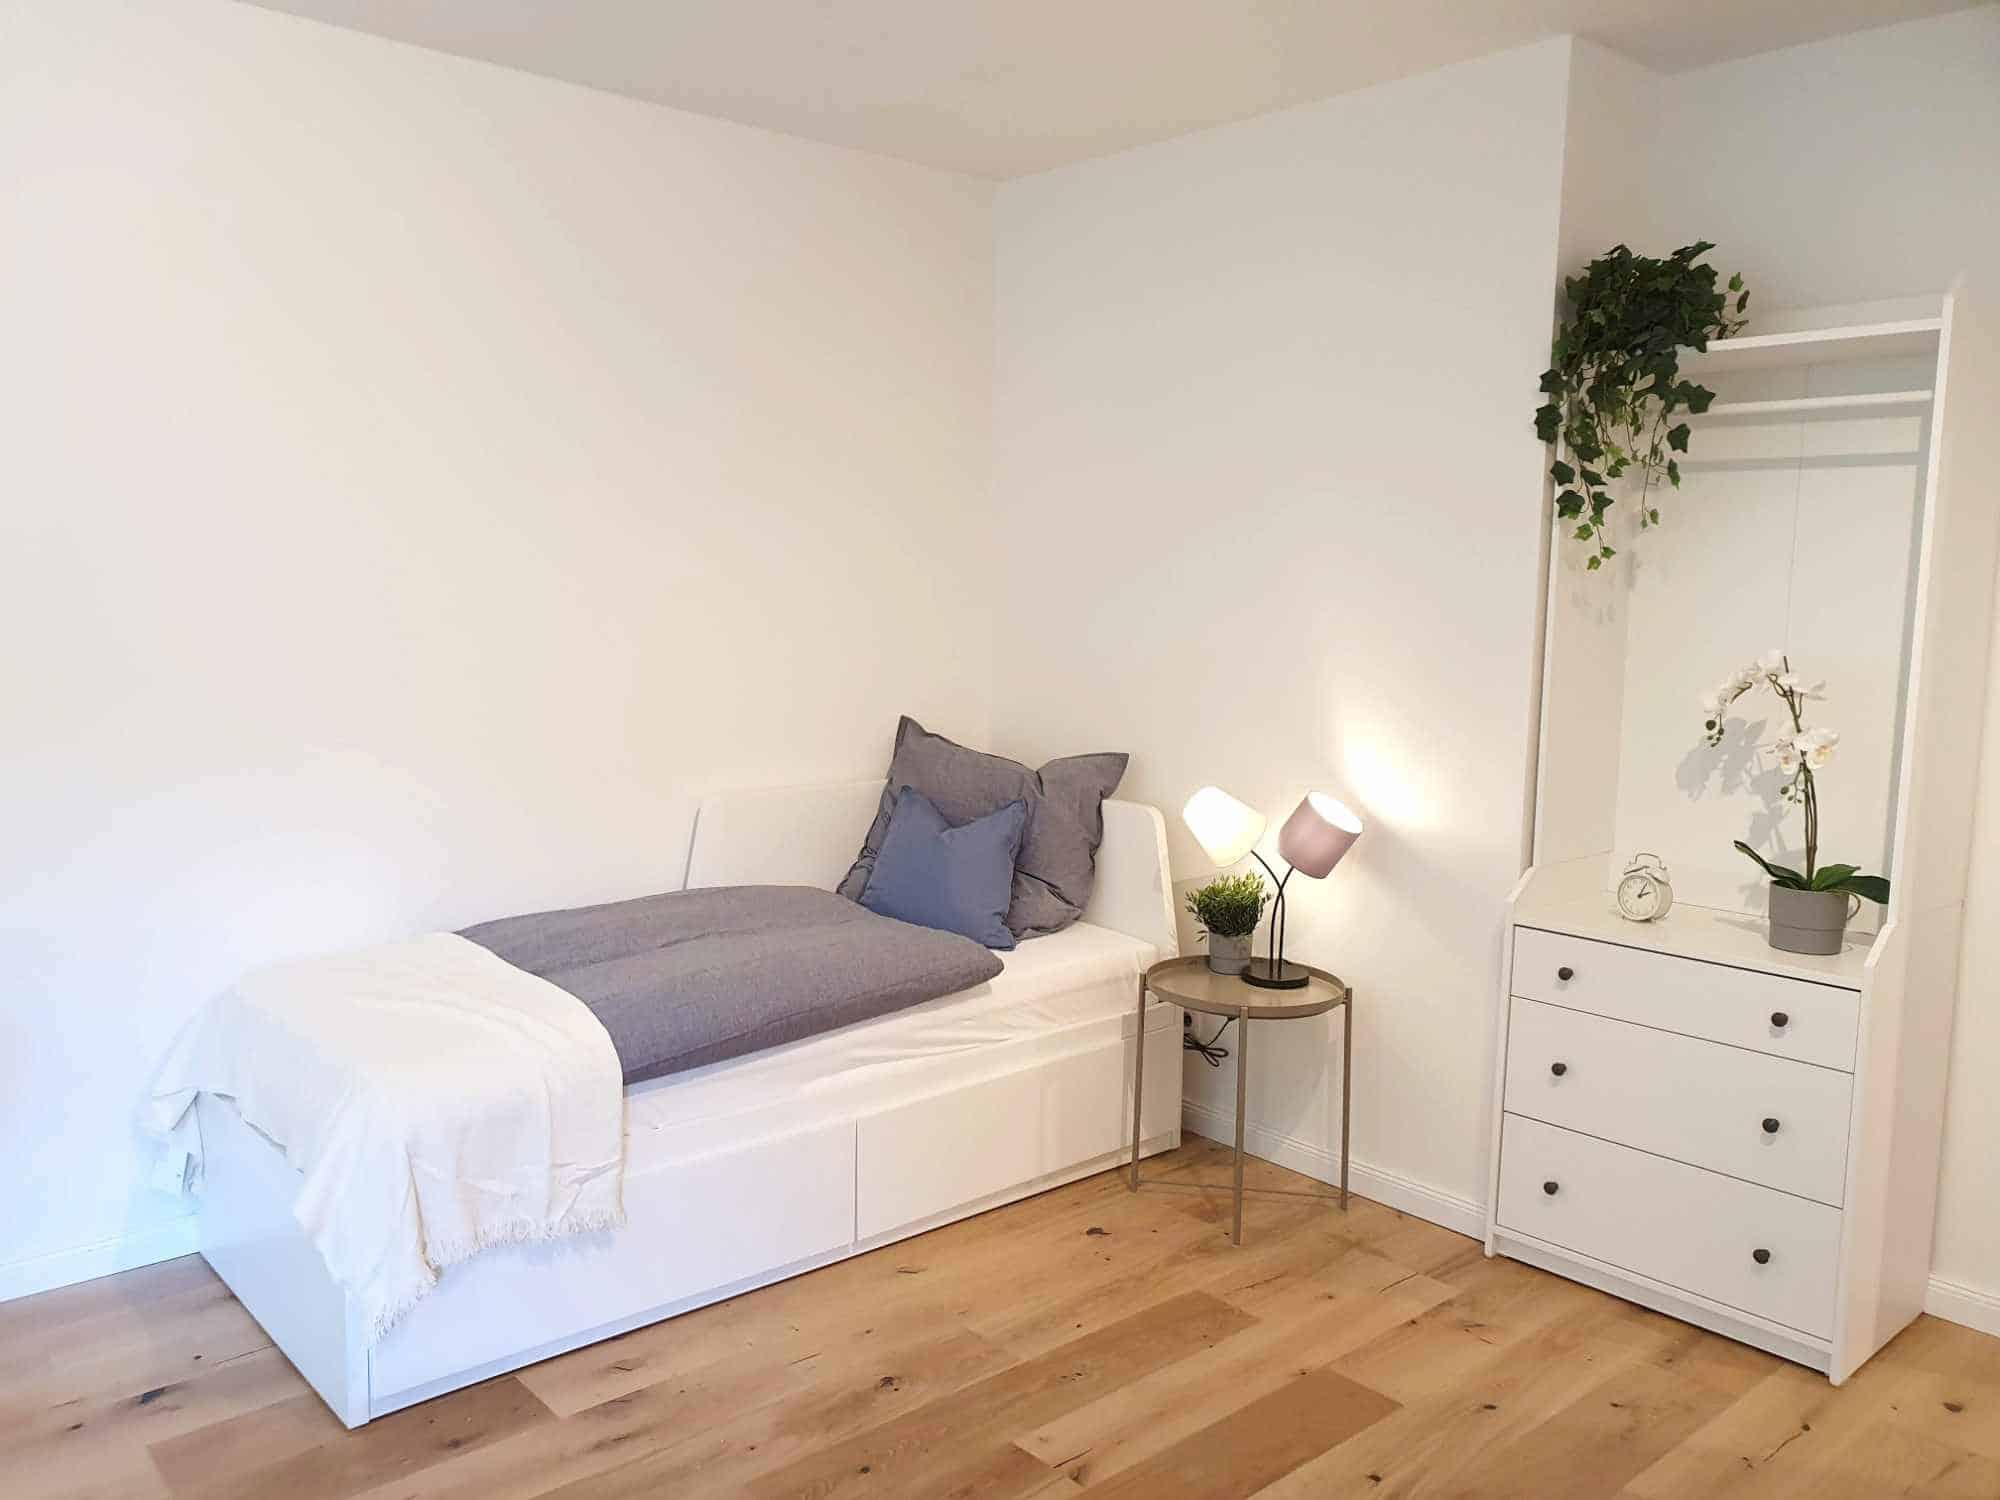 Provisionsfrei: 1 Zimmer Wohnung nahe UKE, Schlafnische